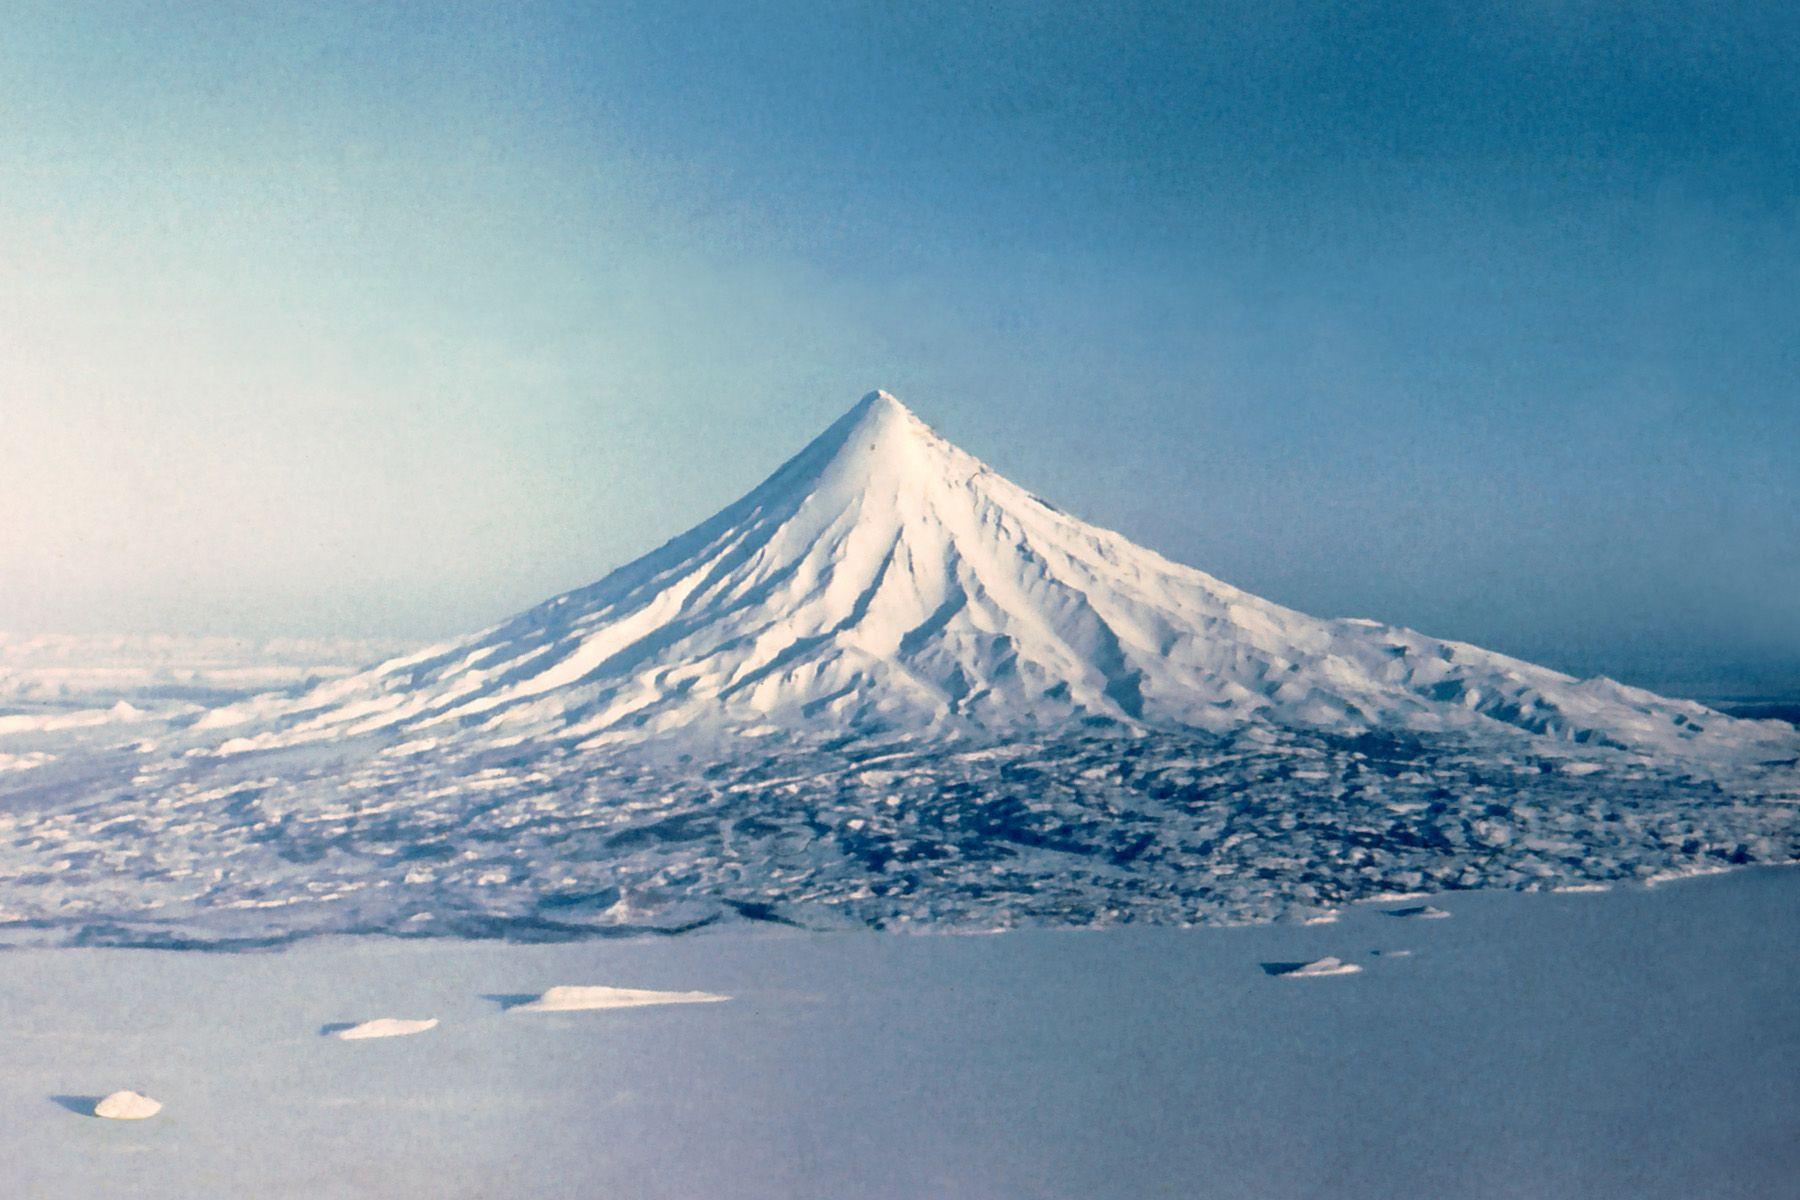 En que península se atopan as Montañas Khibiny